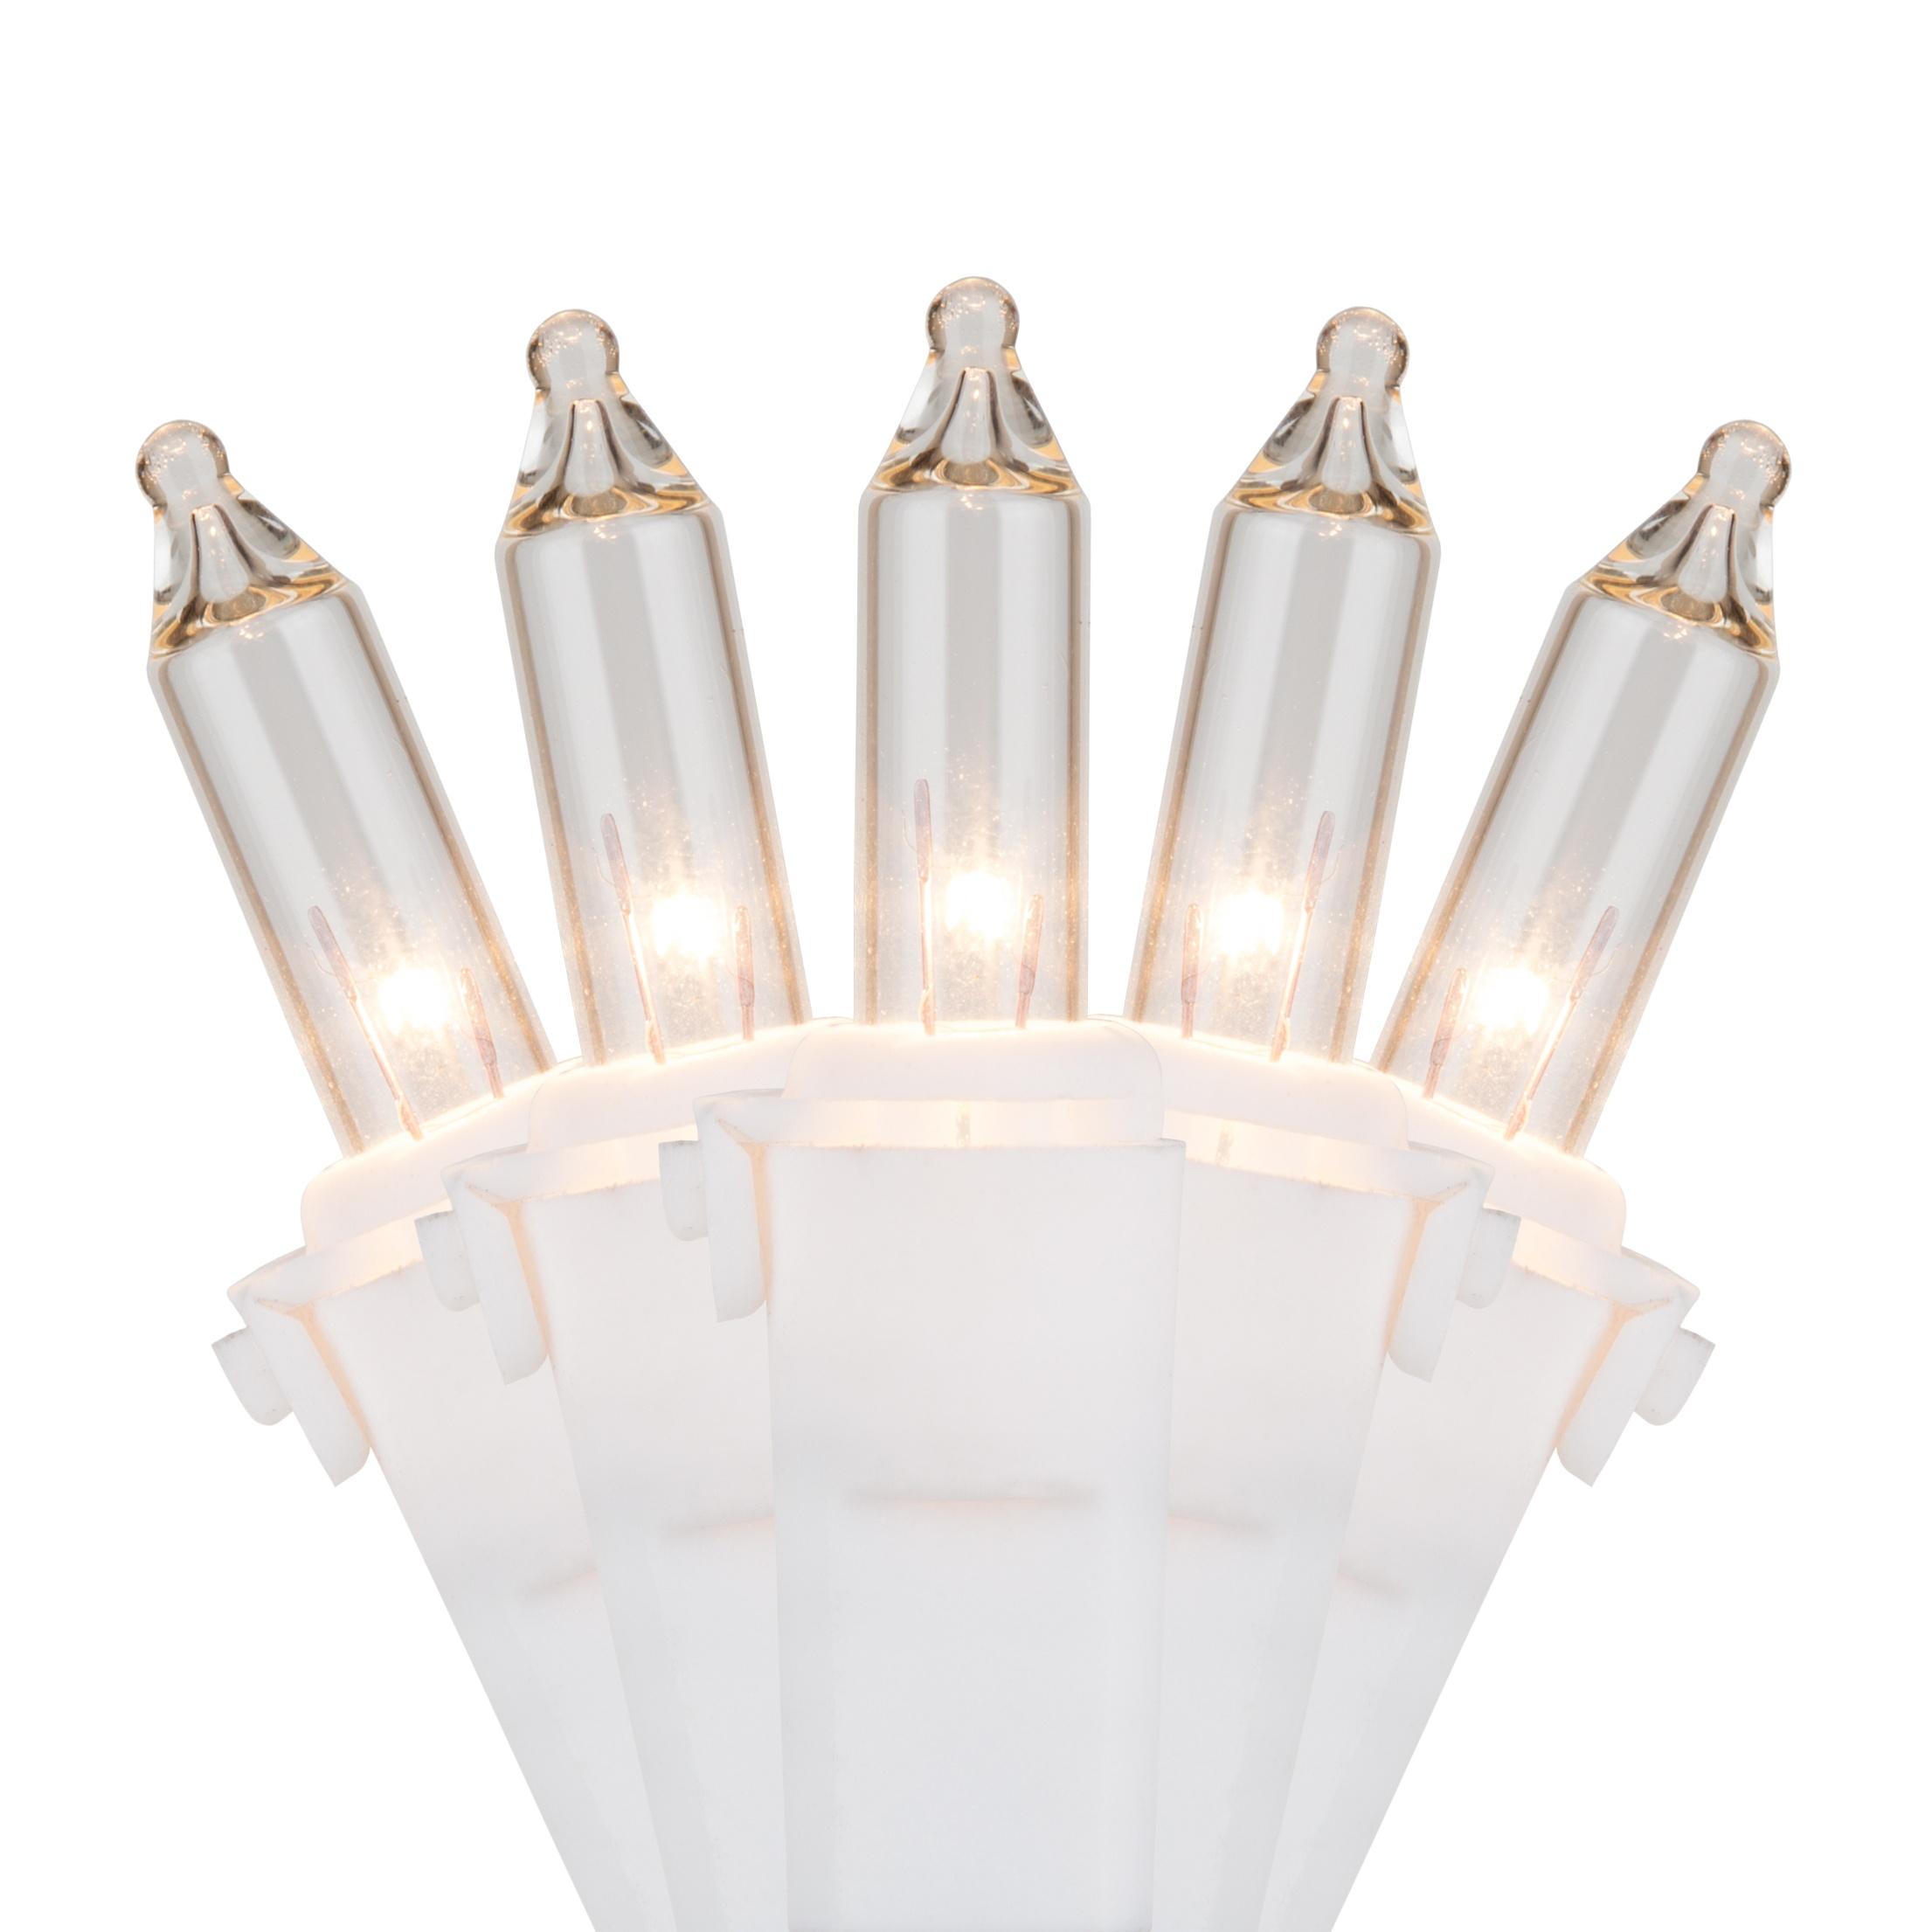 White Christmas Lights - 100 Clear Mini Christmas Lights, 4 ...